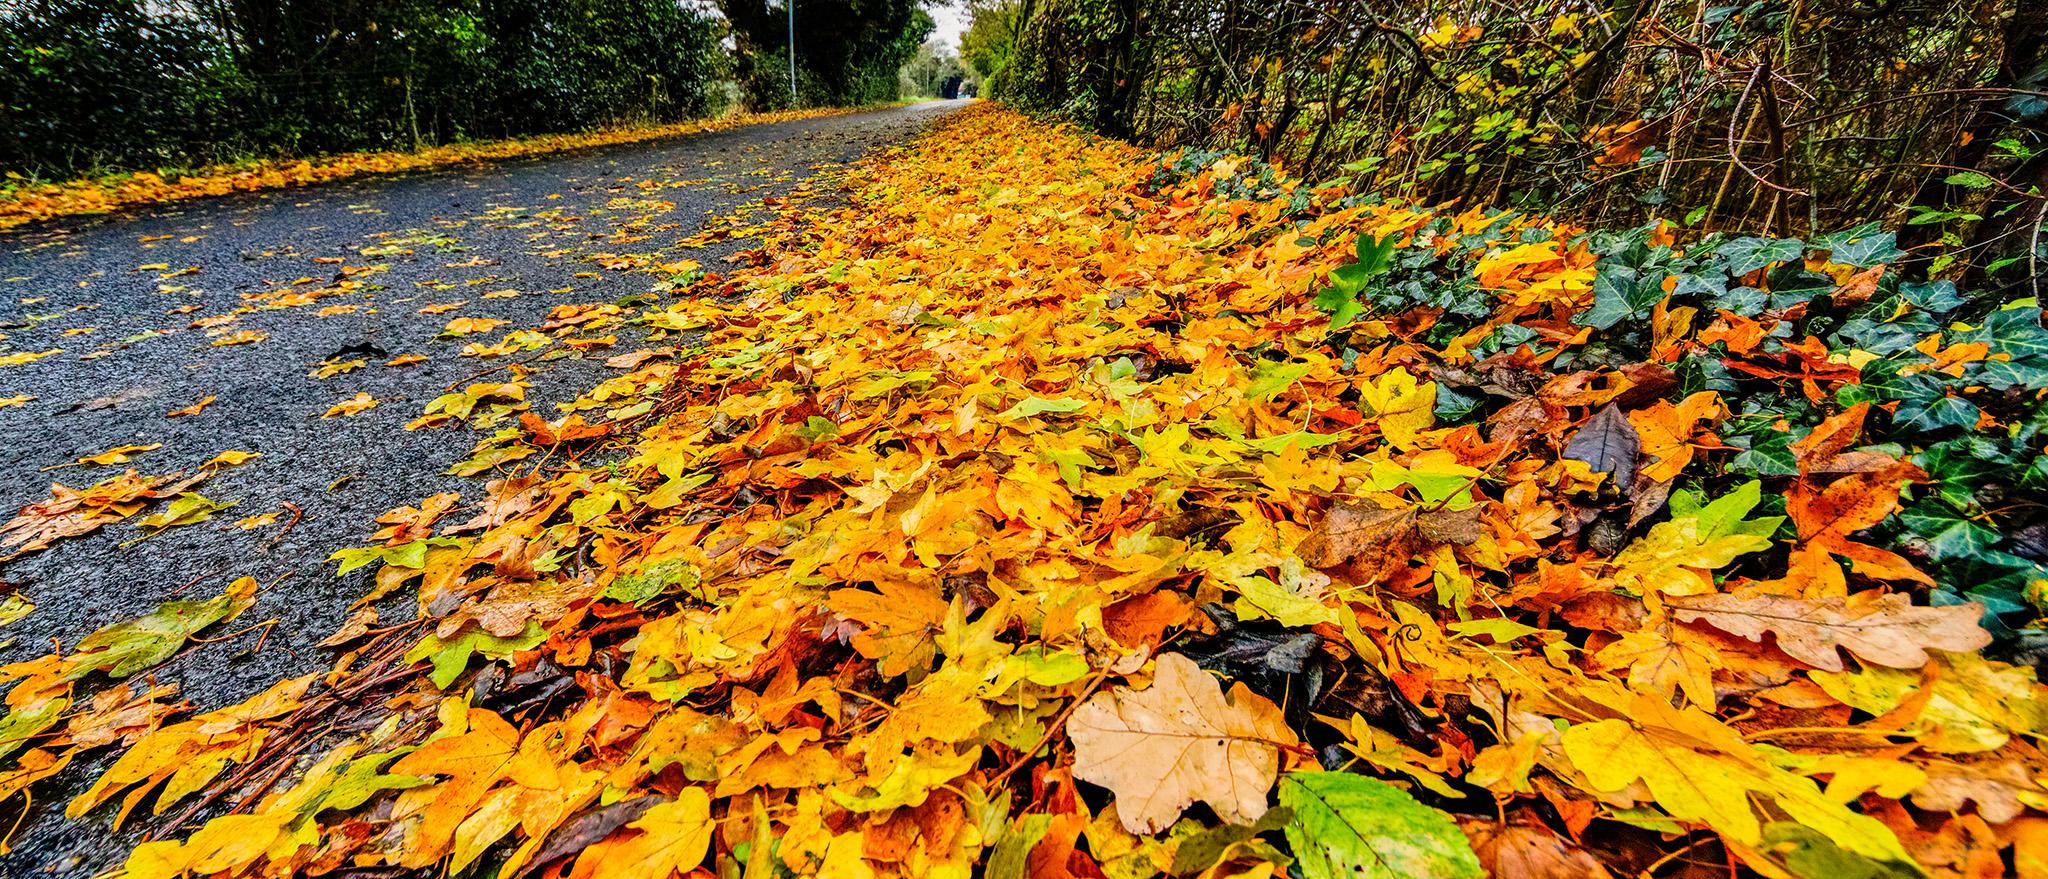 autumn leaves roadside verge